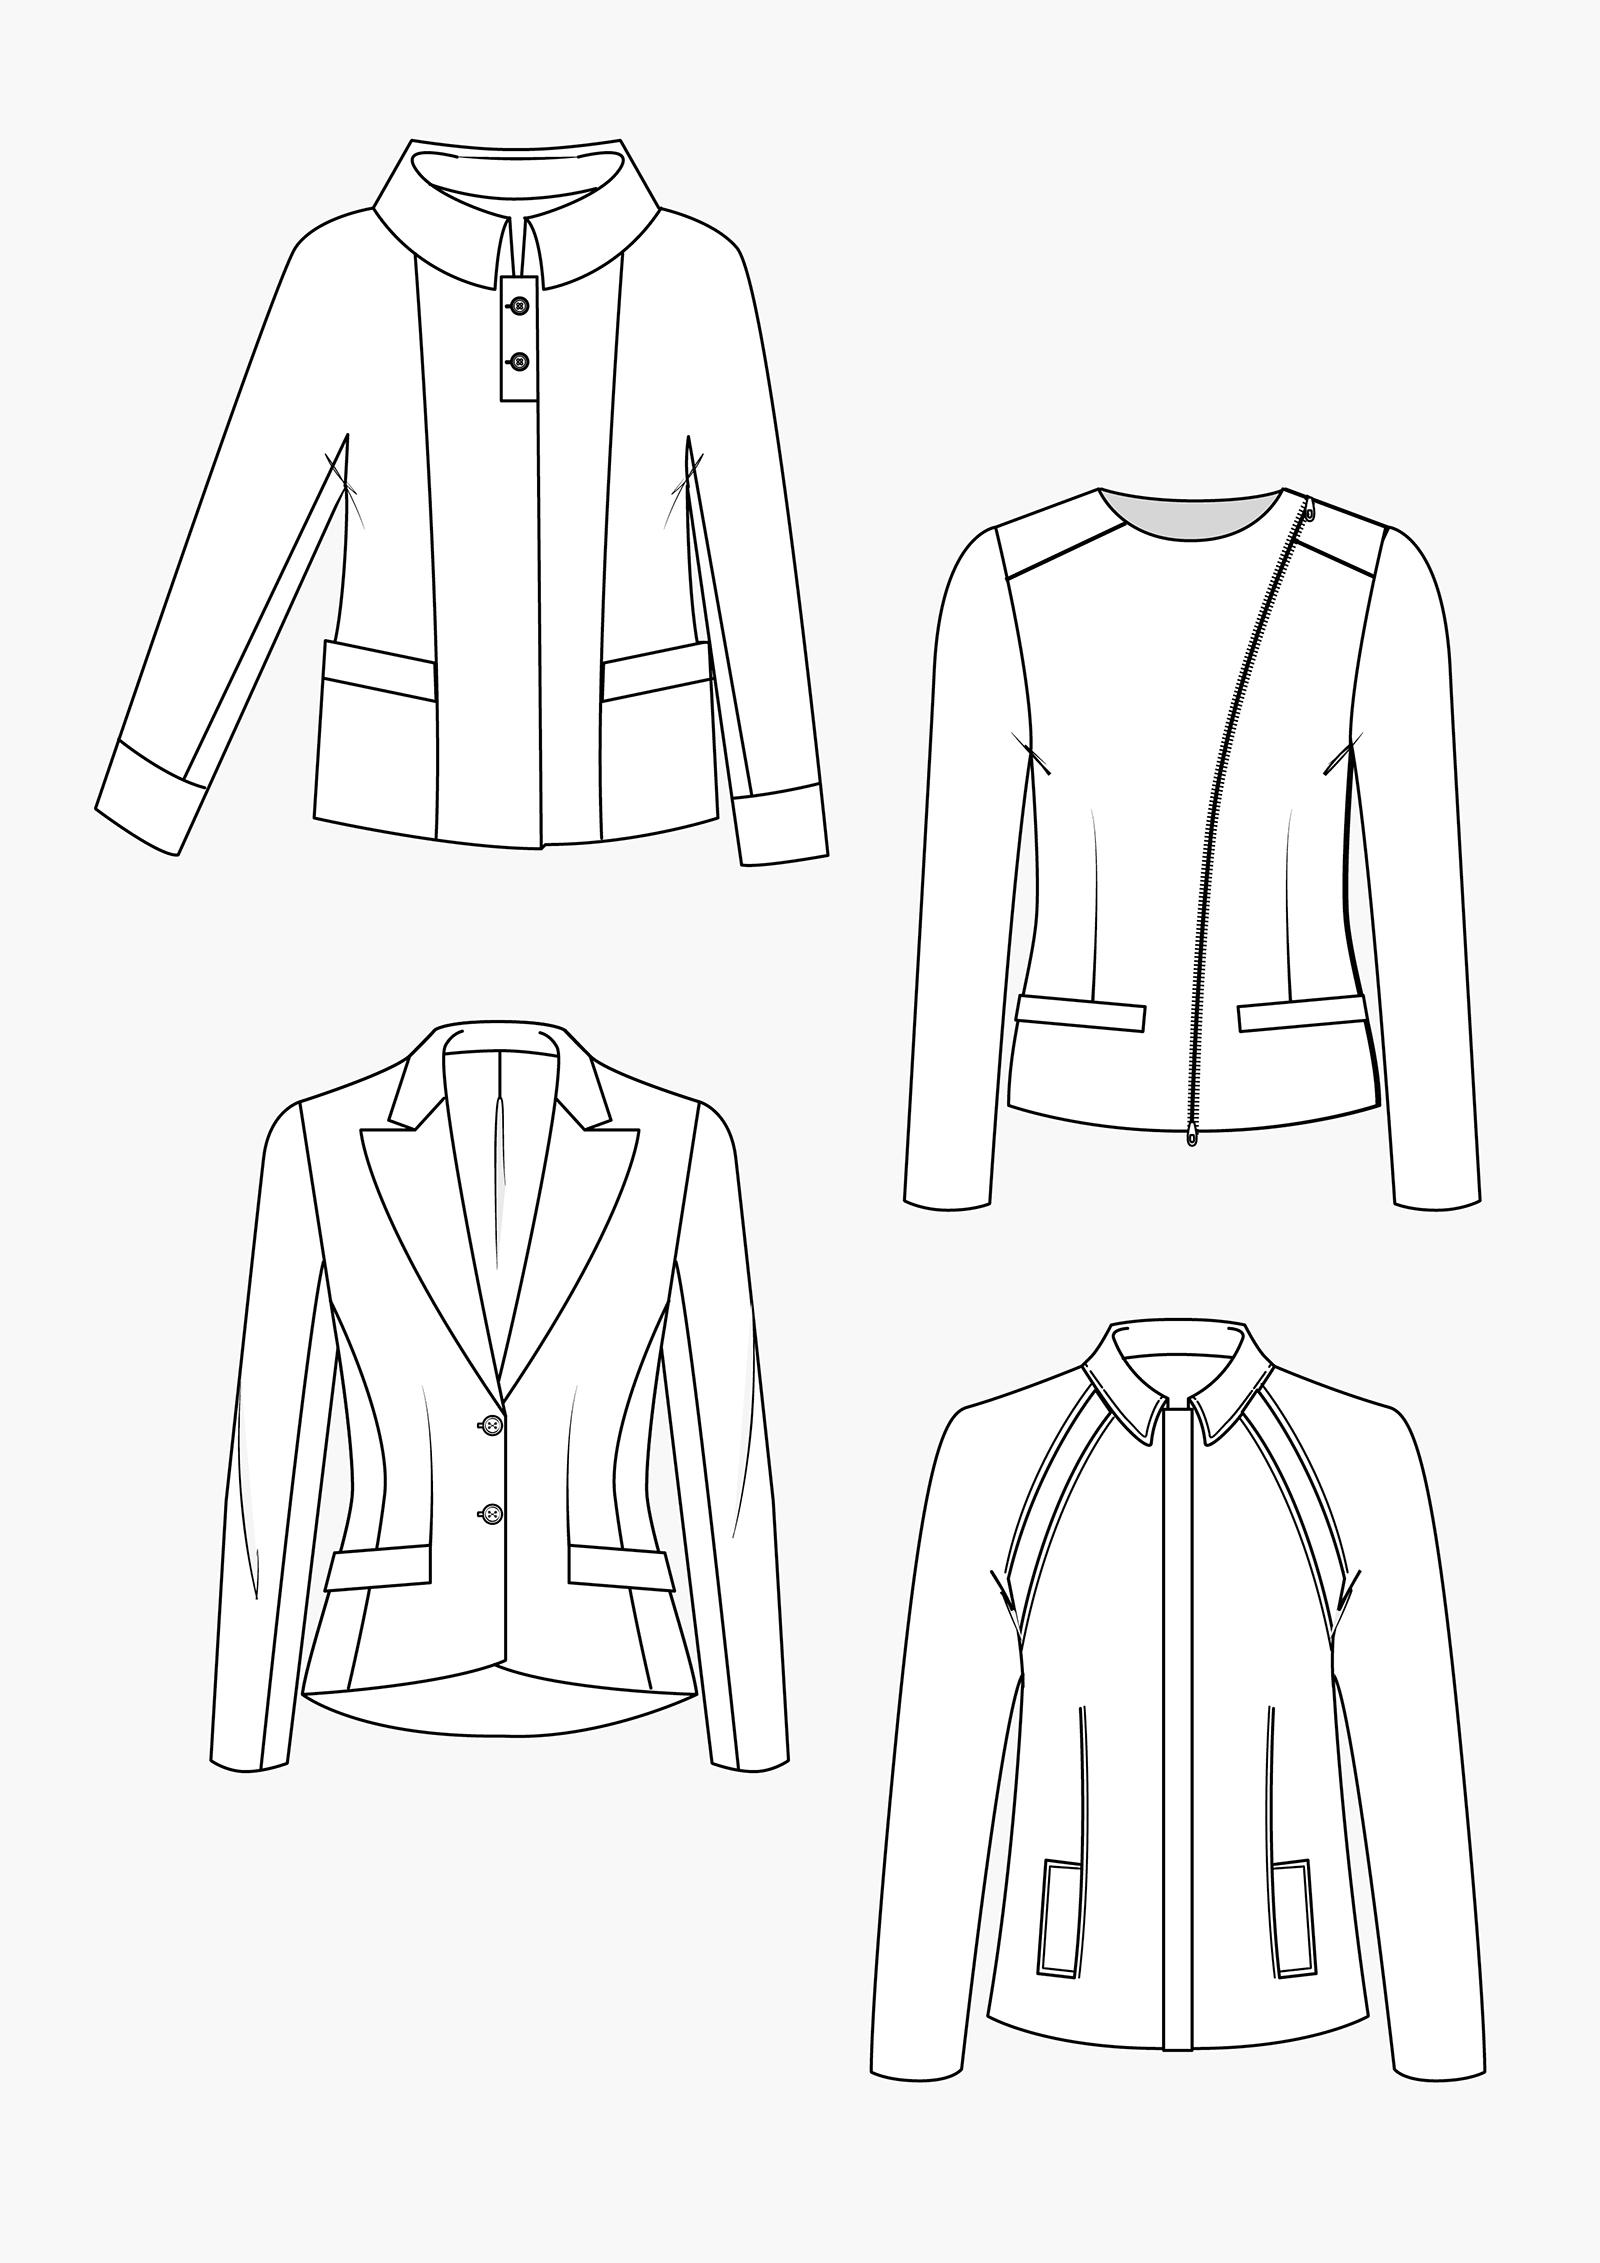 Produkt: Schnitt-Technik Business-Jacken